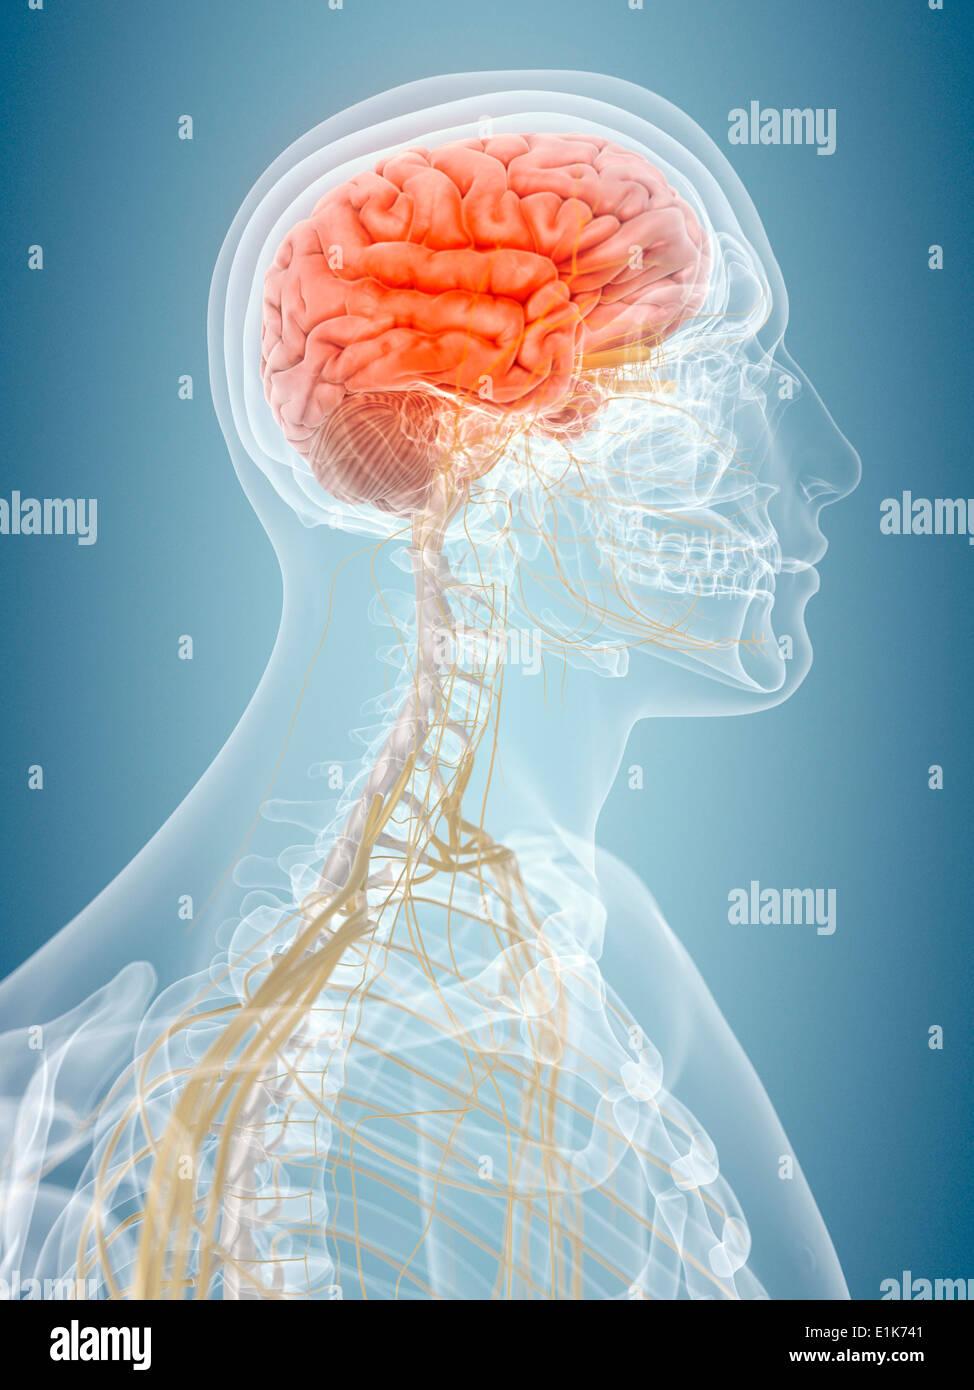 Cerveau humain de l'oeuvre de l'ordinateur. Photo Stock